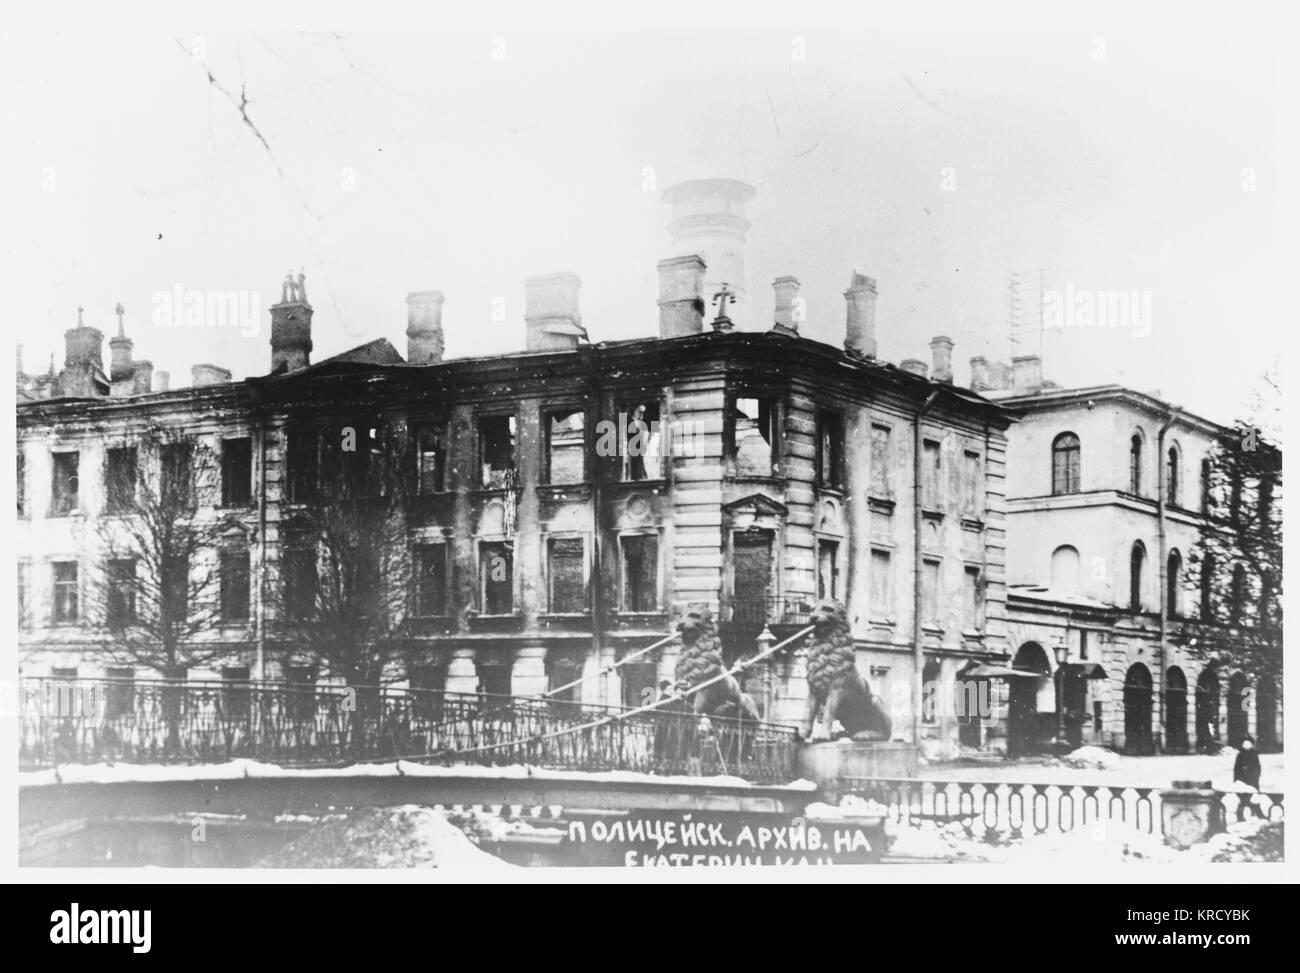 L'archivio di polizia a Petrograd è espugnata dai ribelli che distruggono i record e il fuoco dell'edificio. Immagini Stock